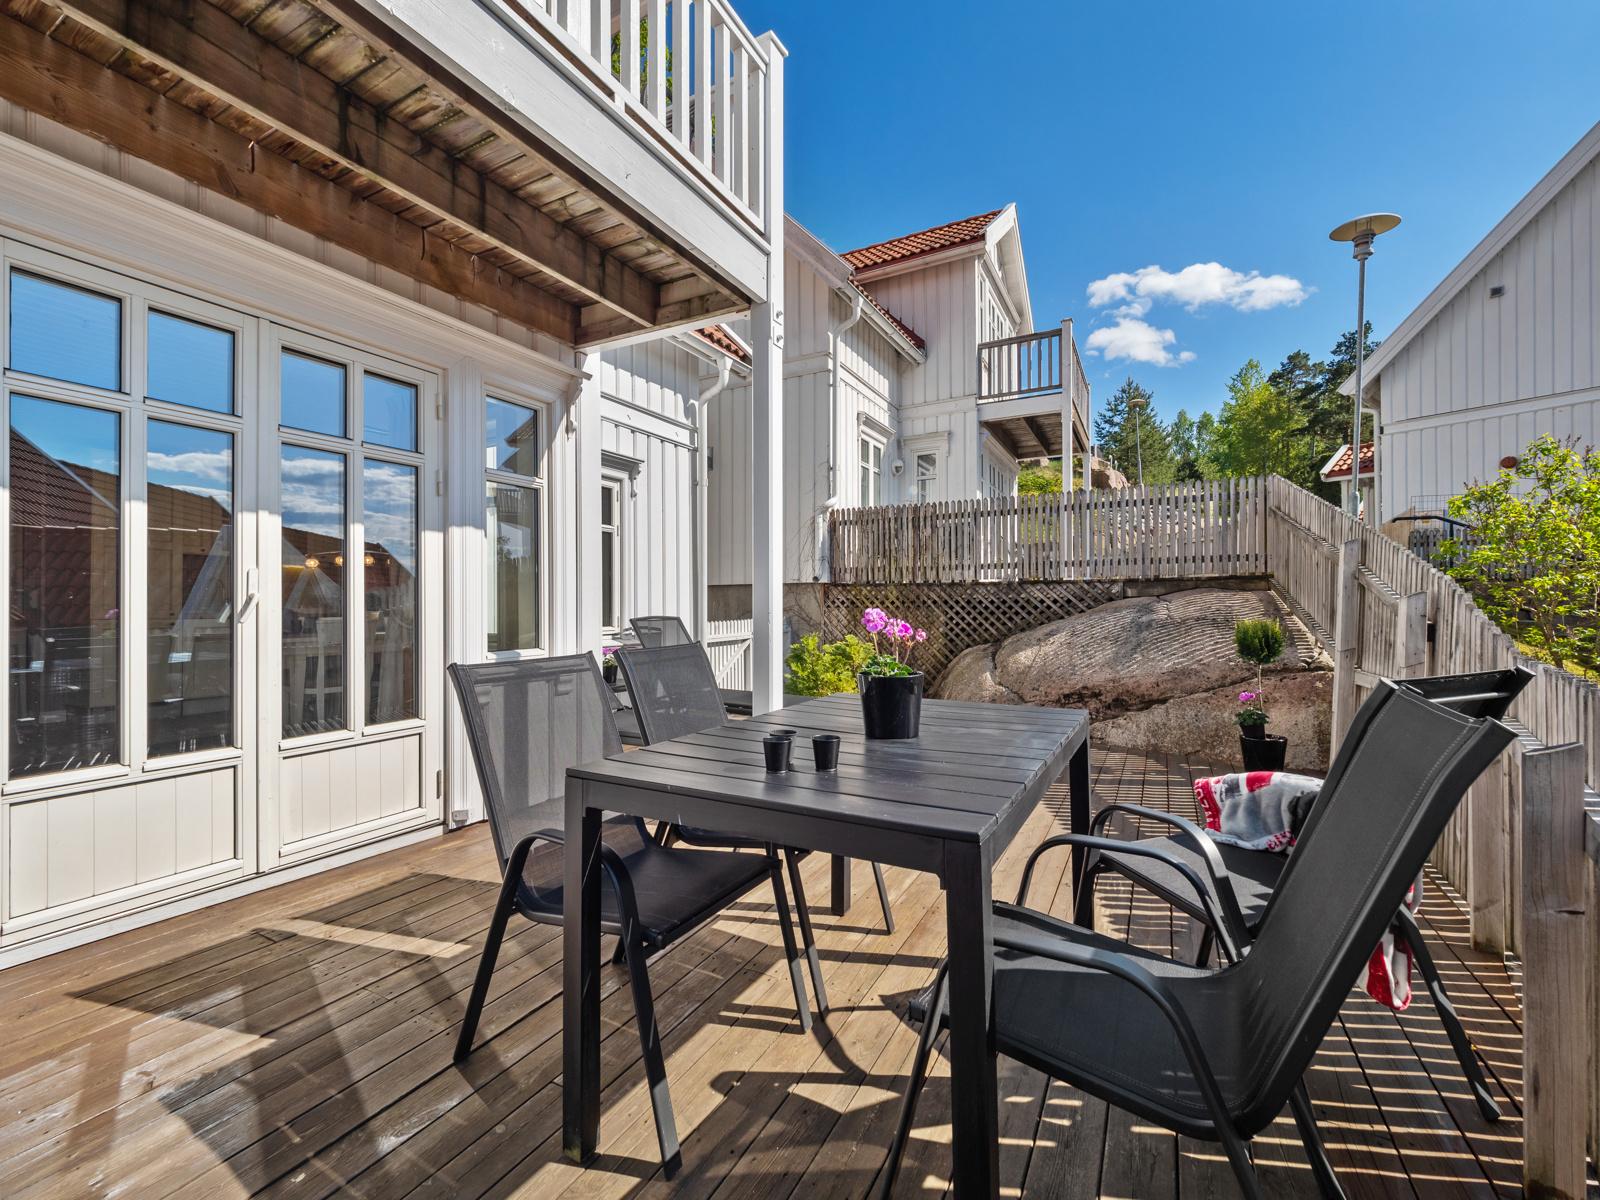 Med utgang fra stuen er det stor terrasse med plass til flere sittegrupper og solsenger